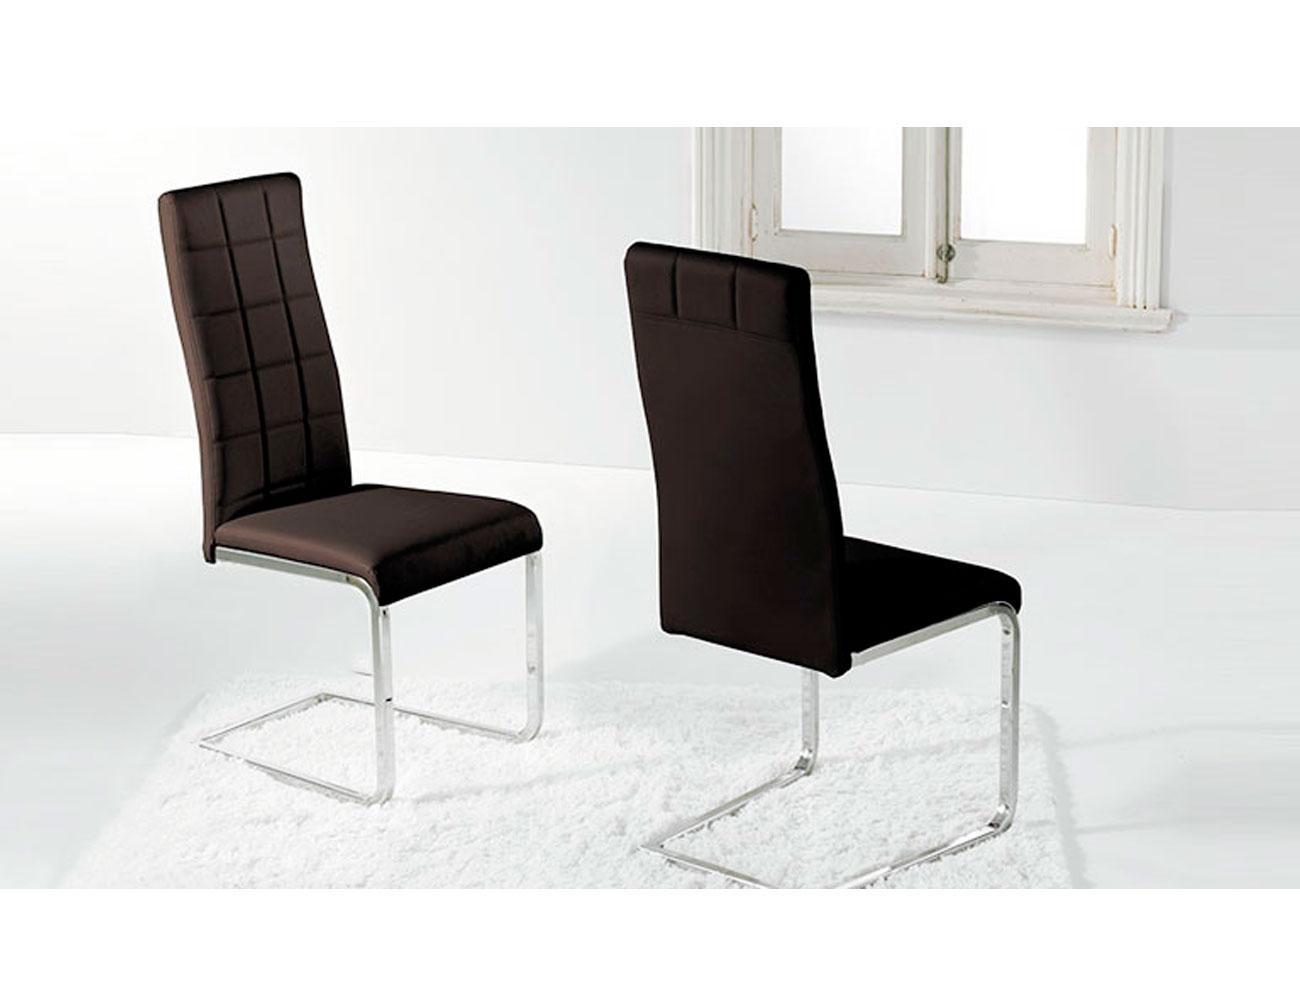 Pack de sillas polipiel con sistema amortiguaci n en color blanco factory del mueble utrera - Sillas comedor polipiel ...